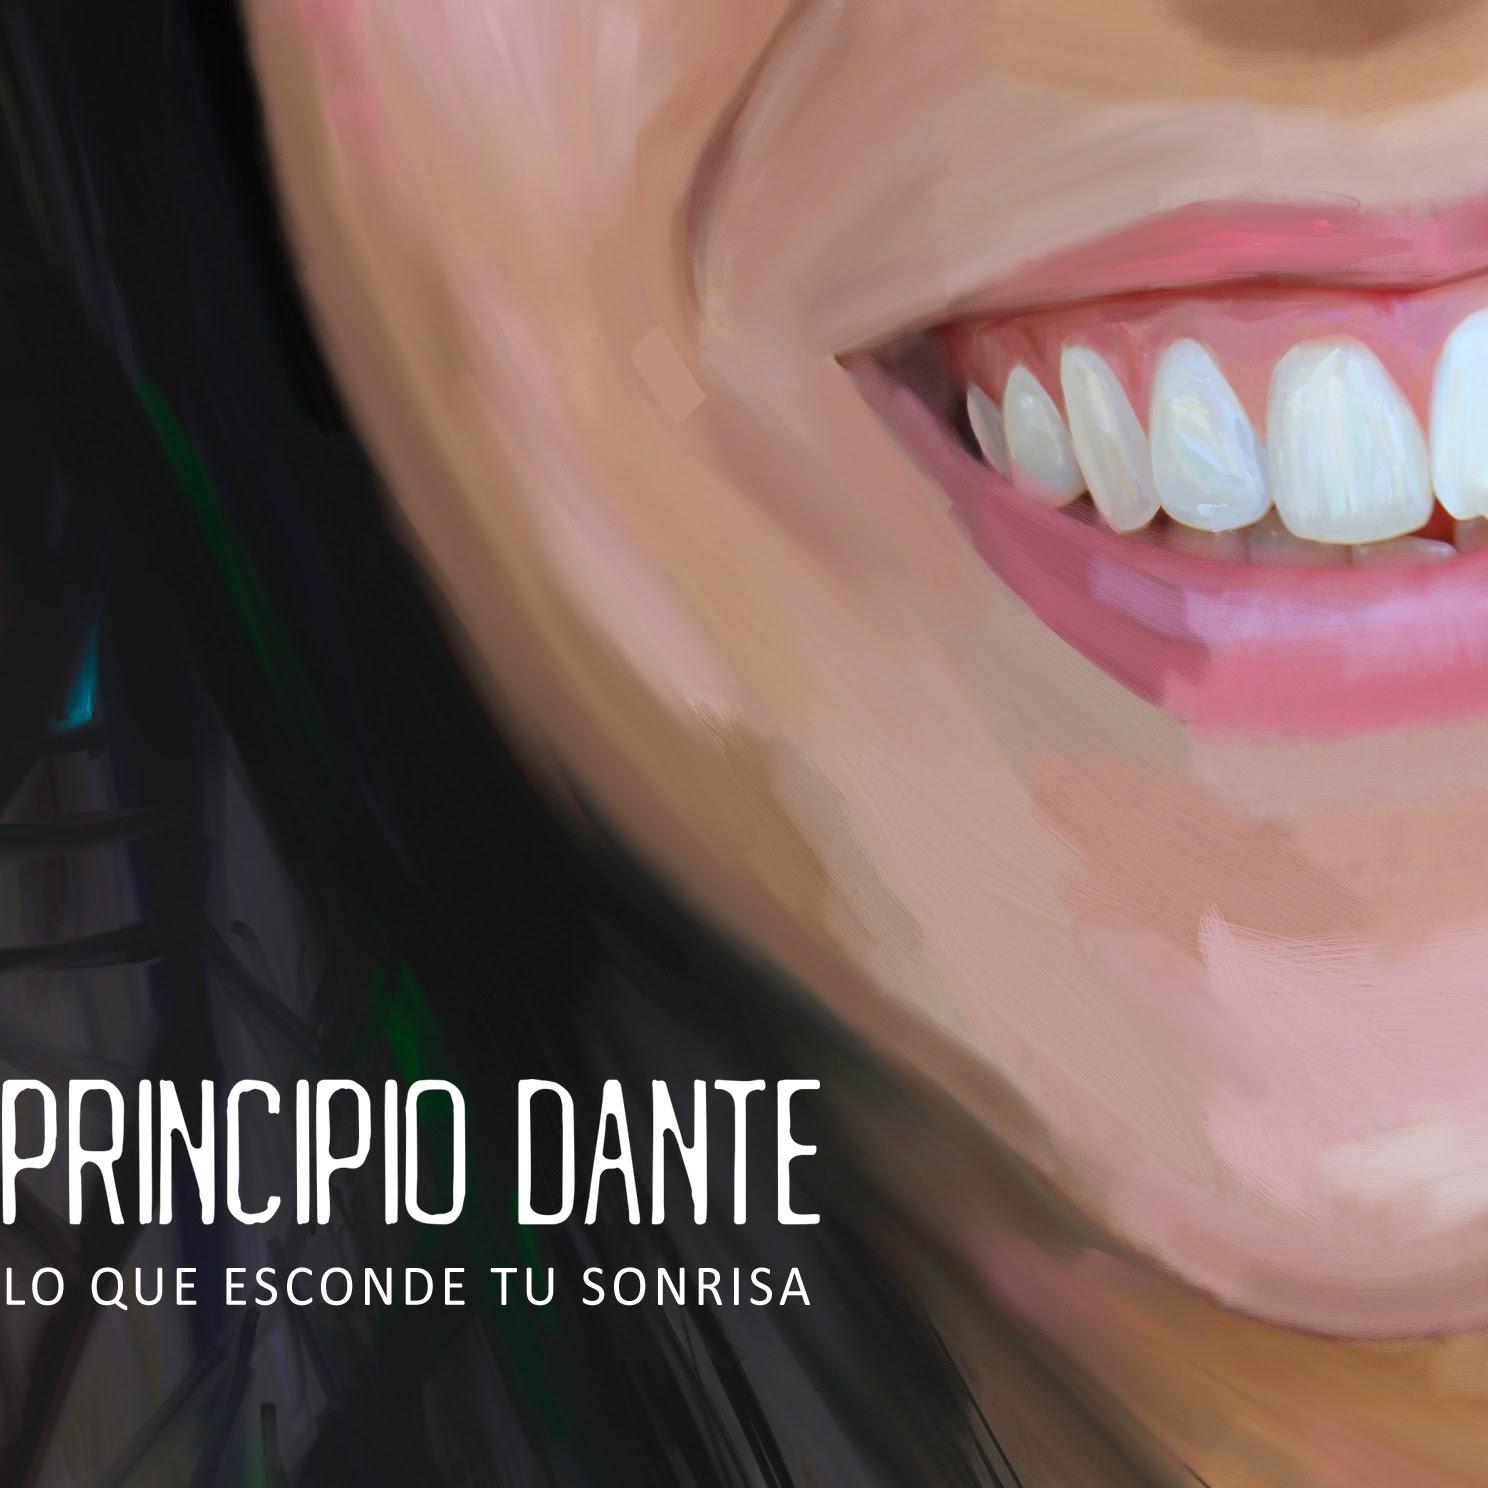 PRINCIPIO DANTE «Lo Que Esconde Tu Sonrisa»